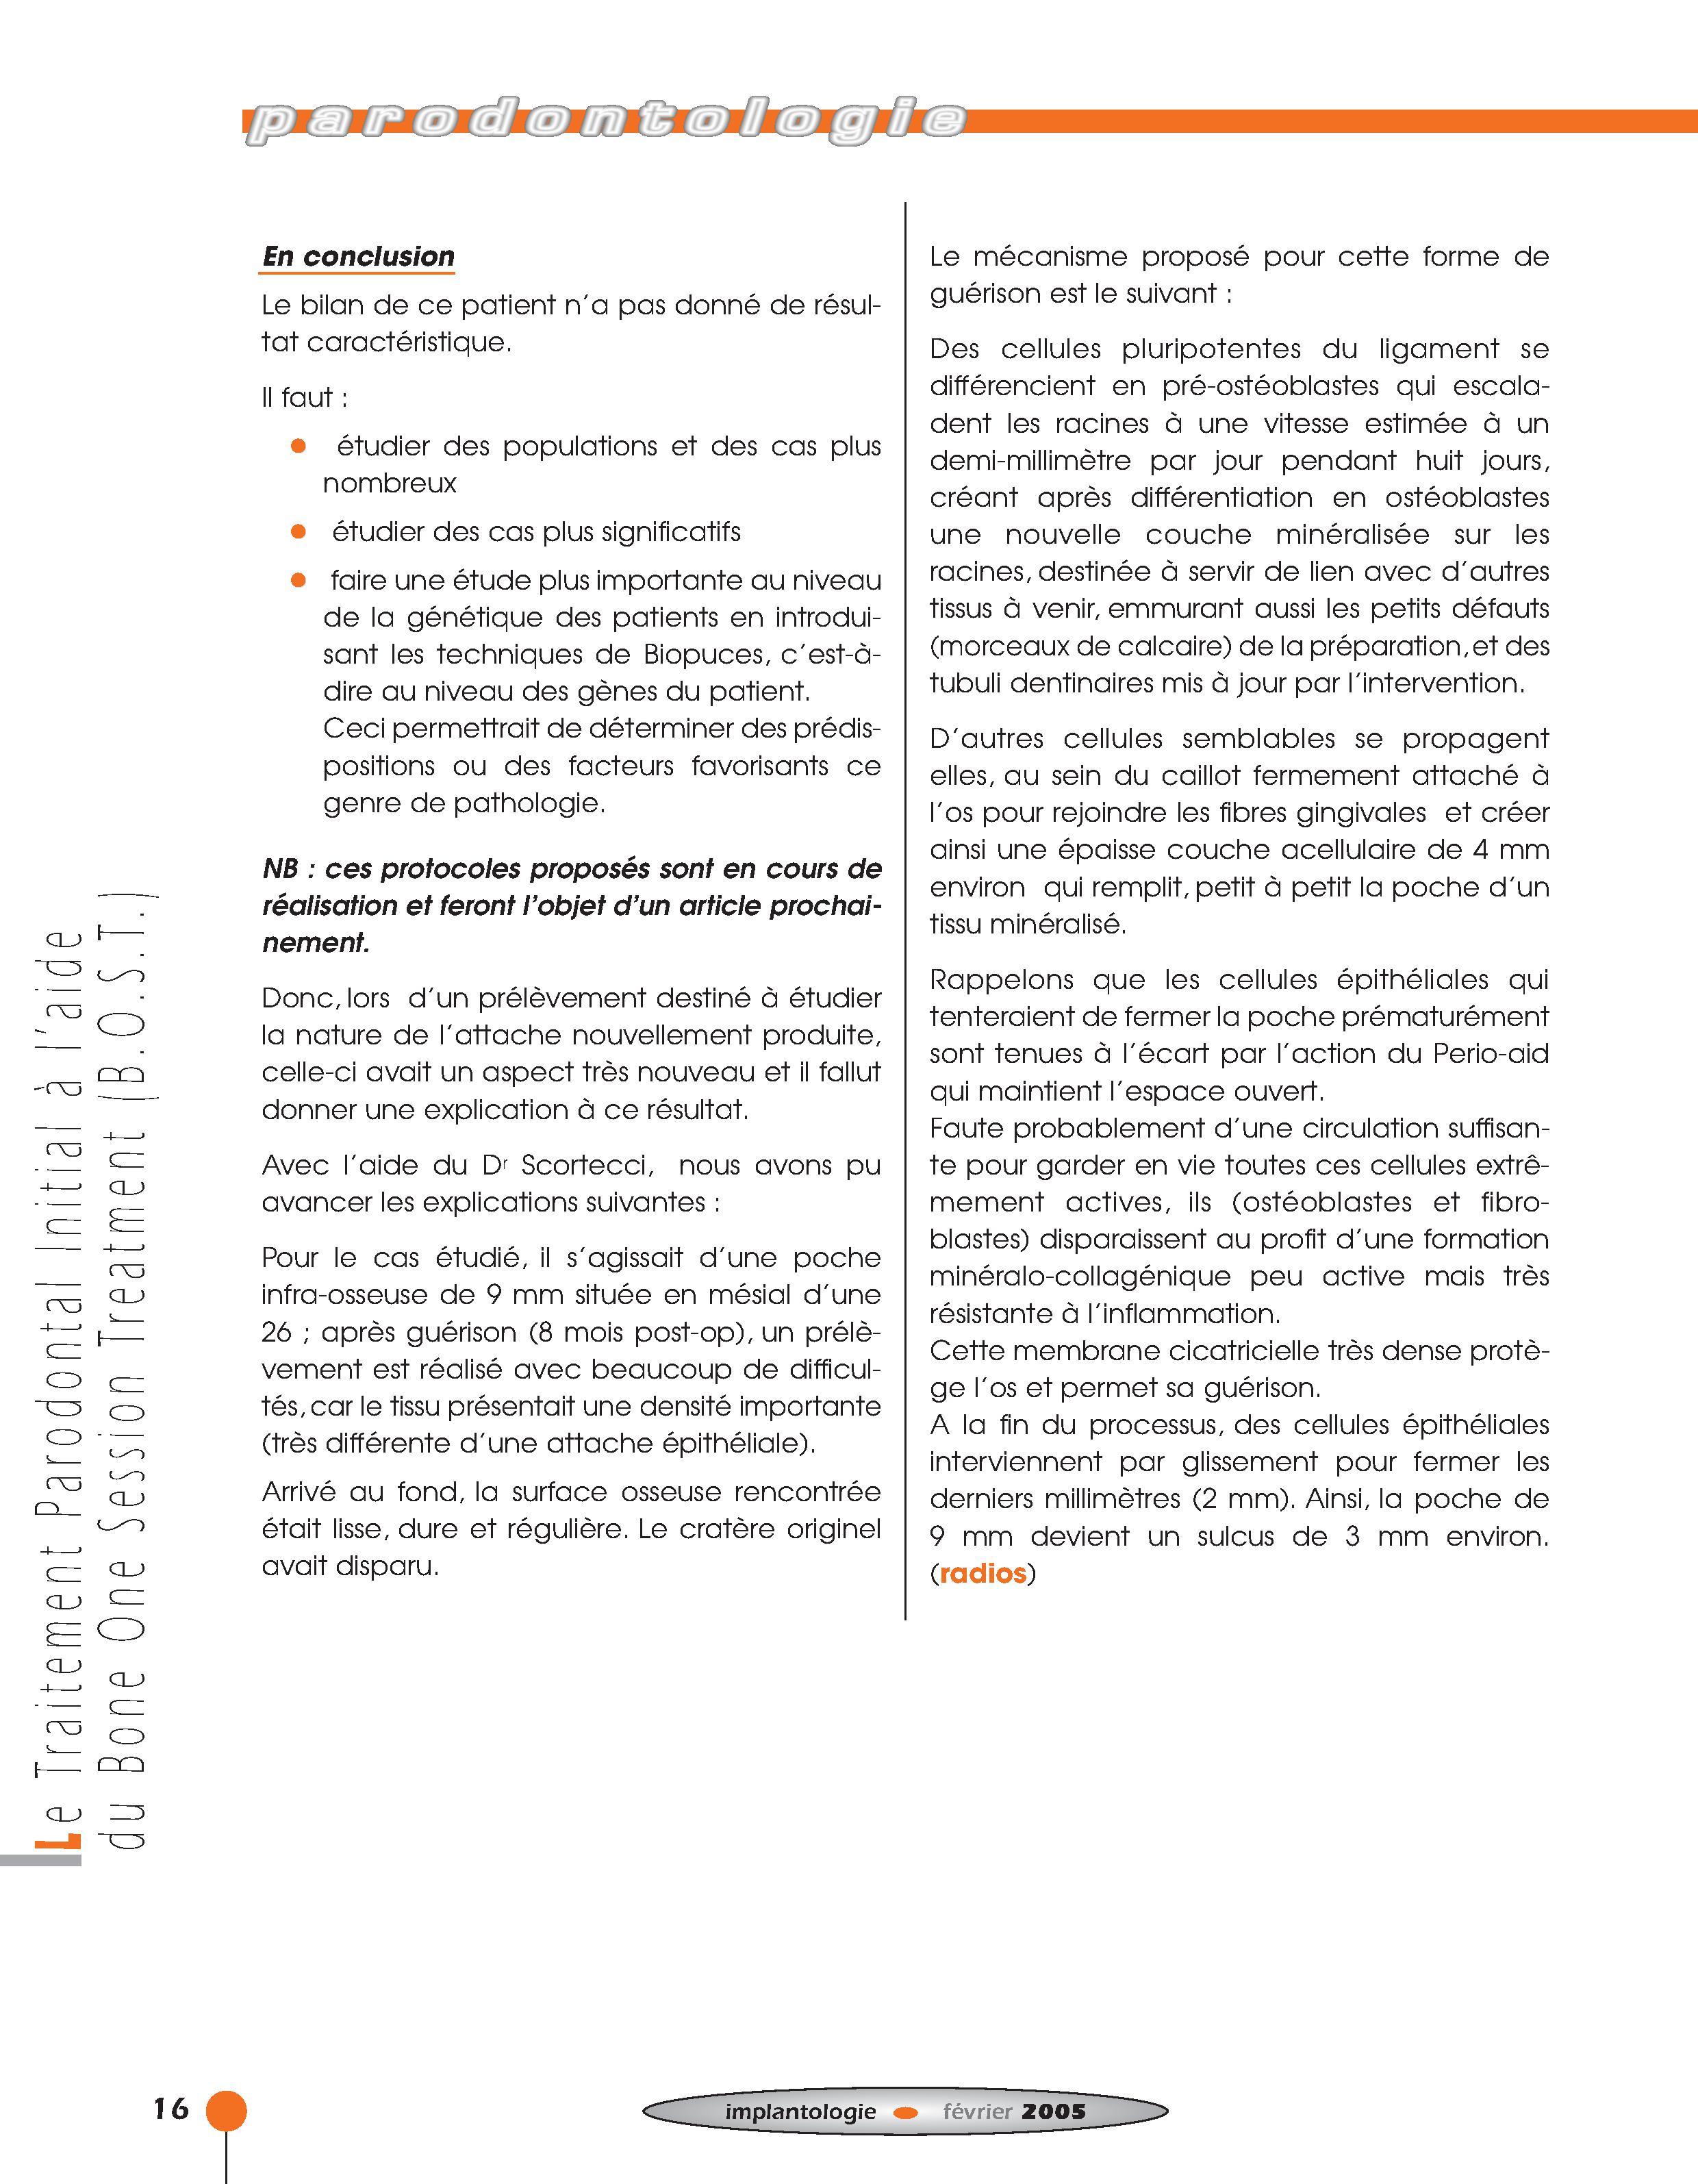 Implantologie BOST Article 14 BLZ-10.jpg